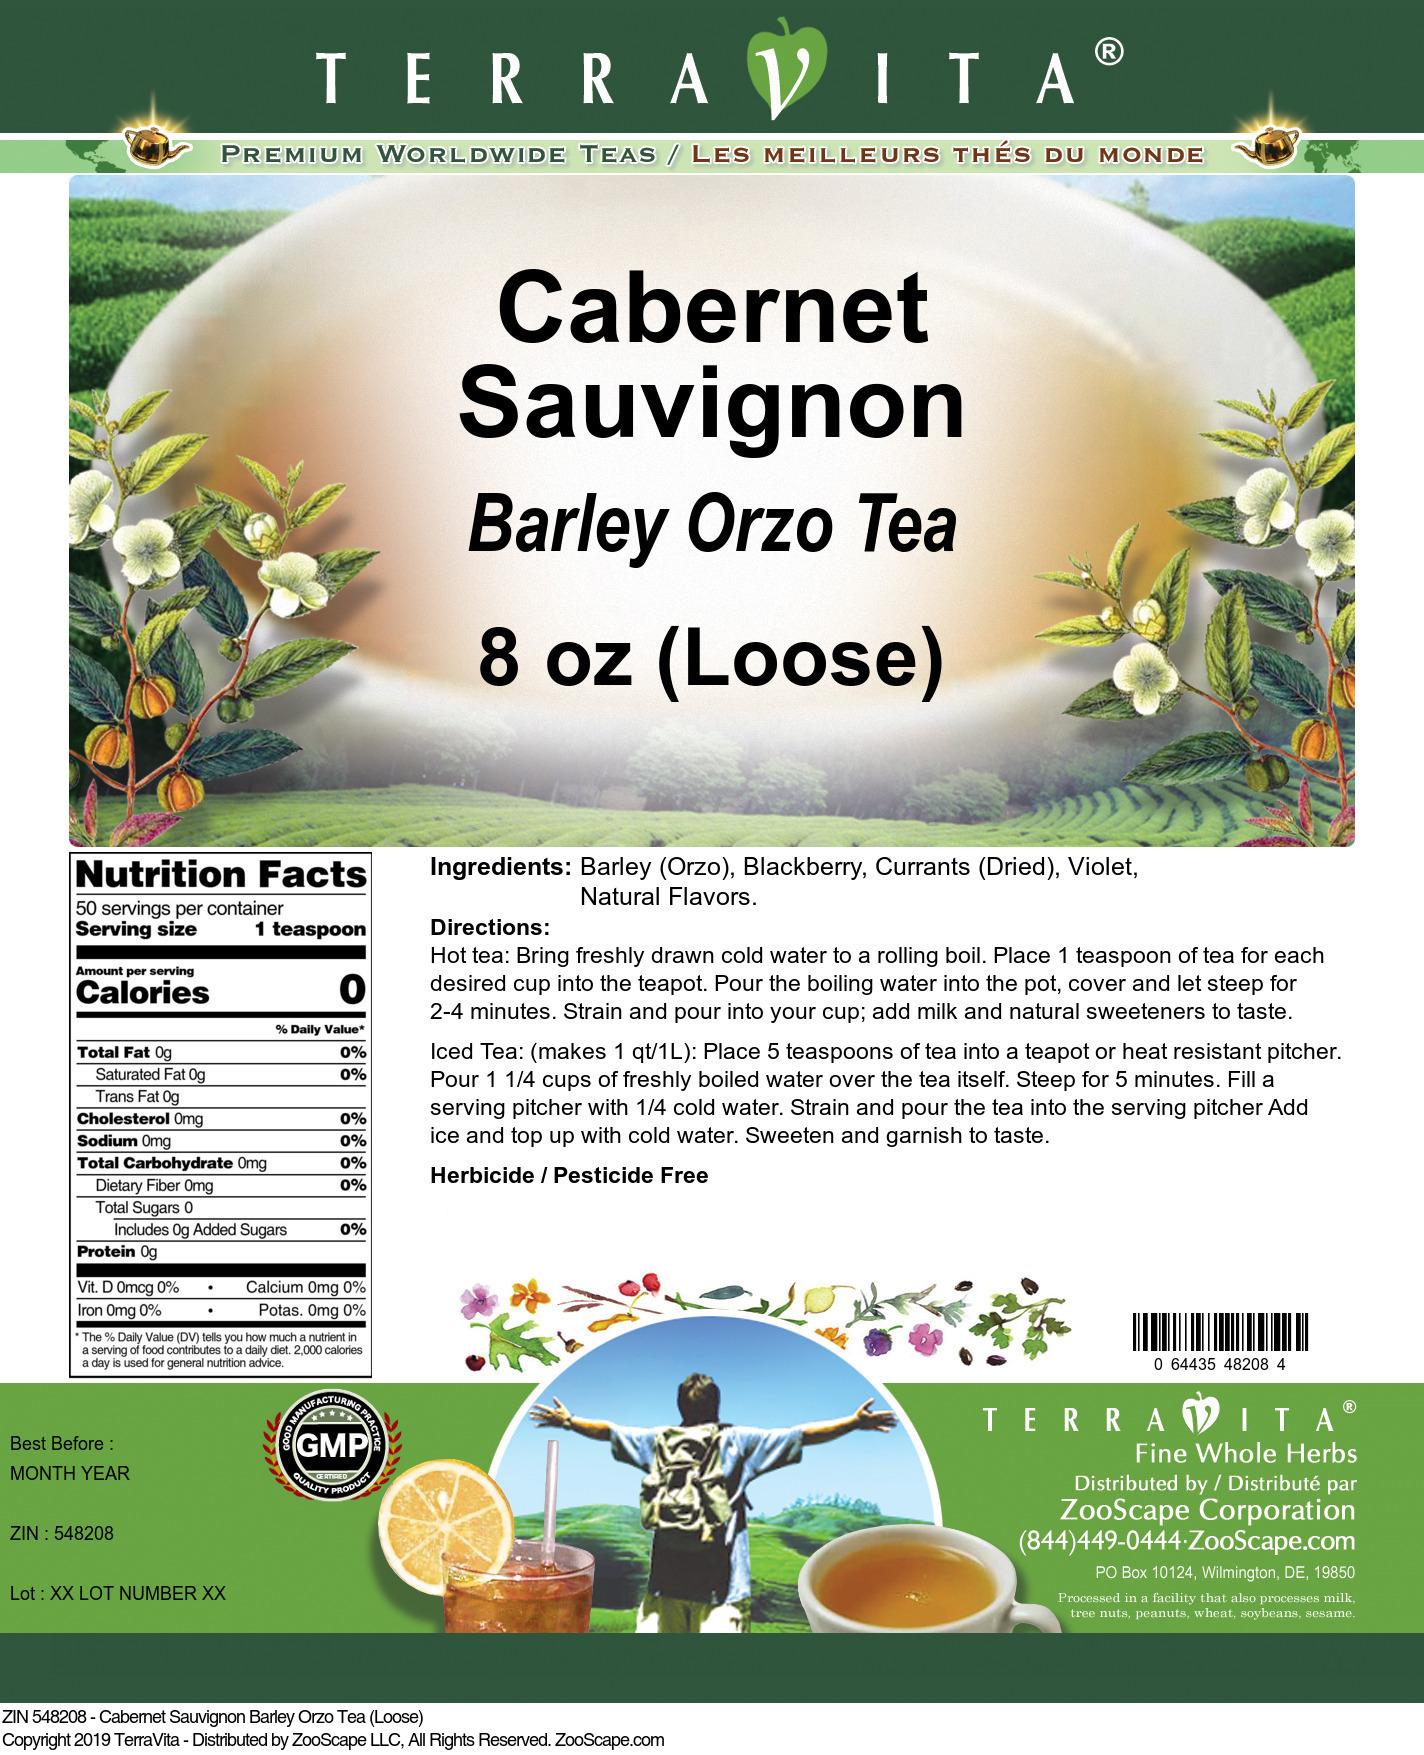 Cabernet Sauvignon Barley Orzo